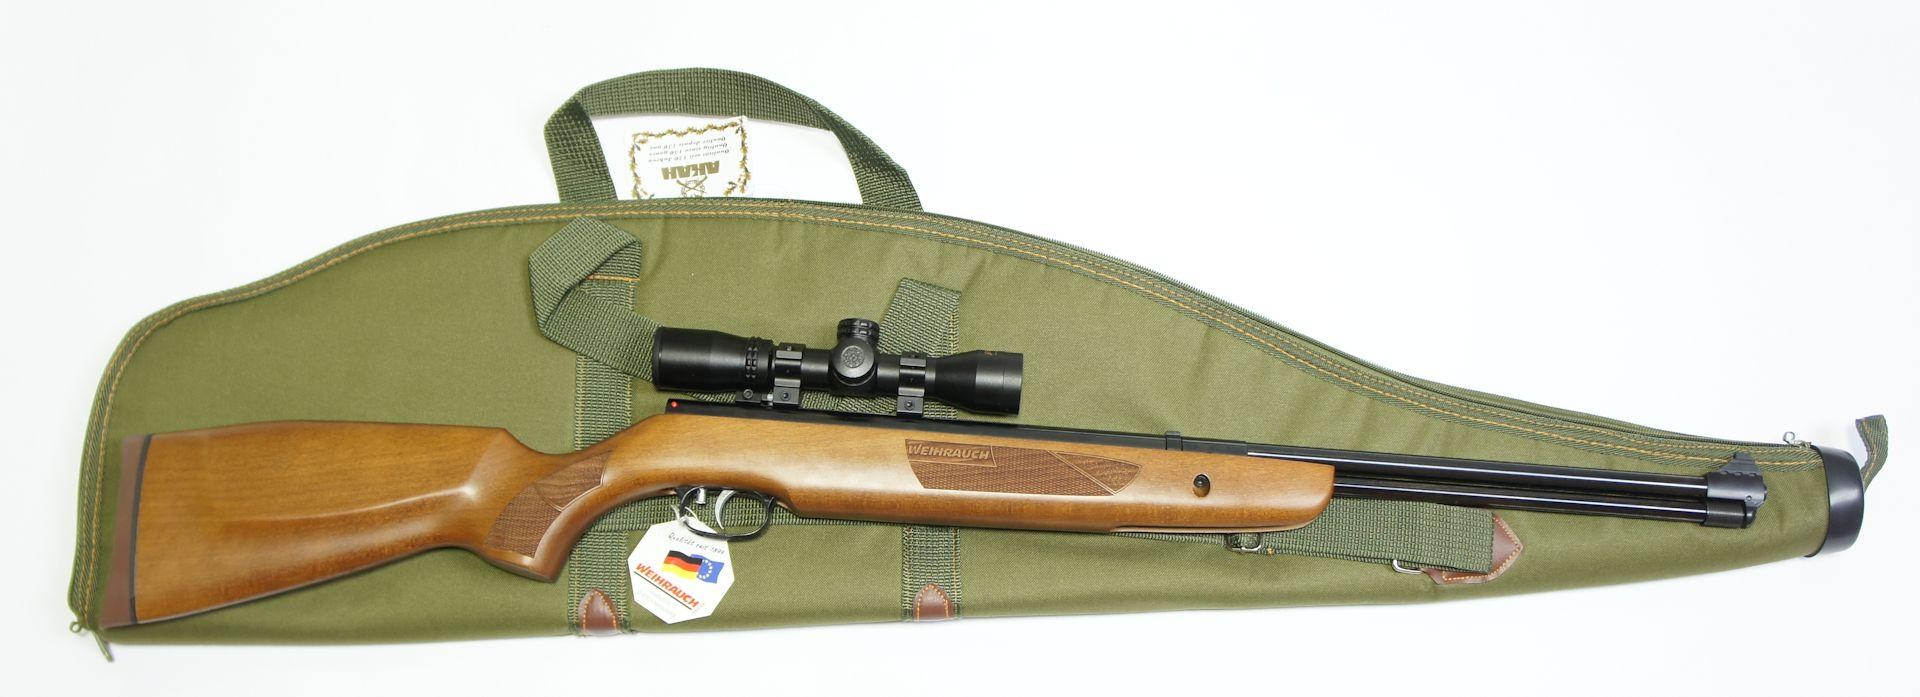 Anwendungsbeispiel mit Luftgewehr <a href=1160407-45.htm>Weihrauch HW 57 </a>